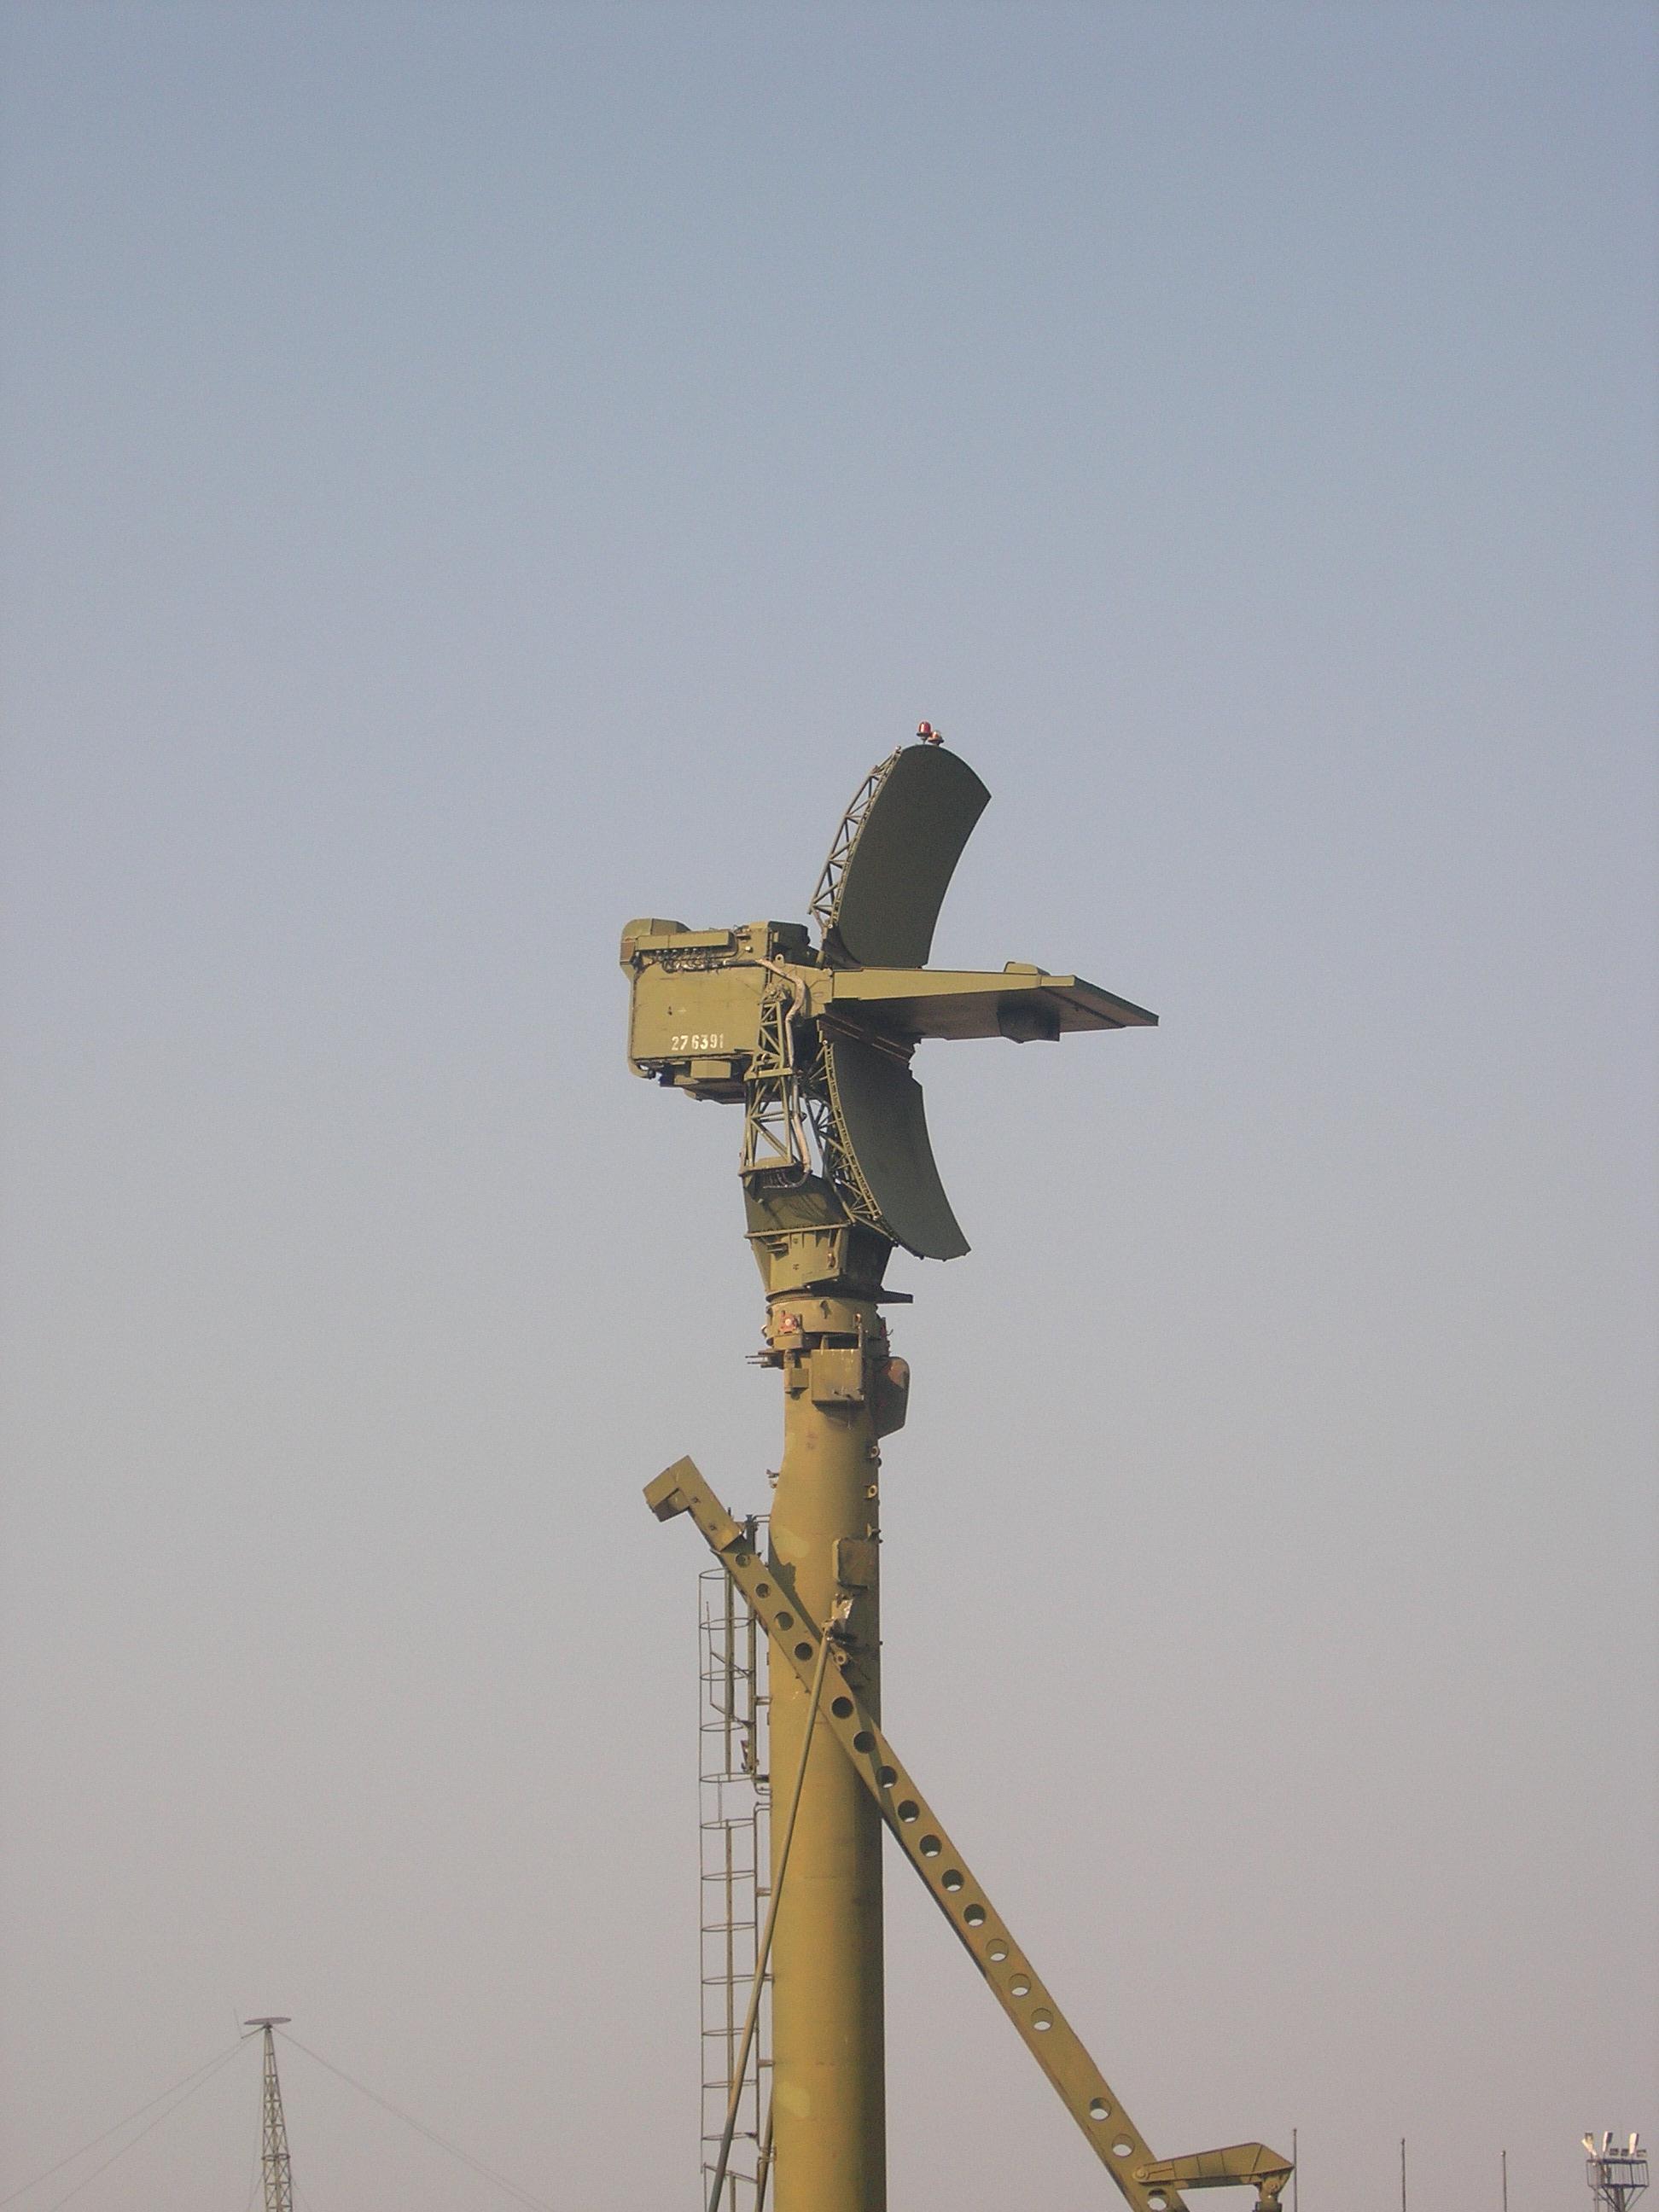 صفقة ثانية للرهيب s-300 للجزائر  - صفحة 5 76N6_Clam_Shell_FMCW_acquisition_radar-2